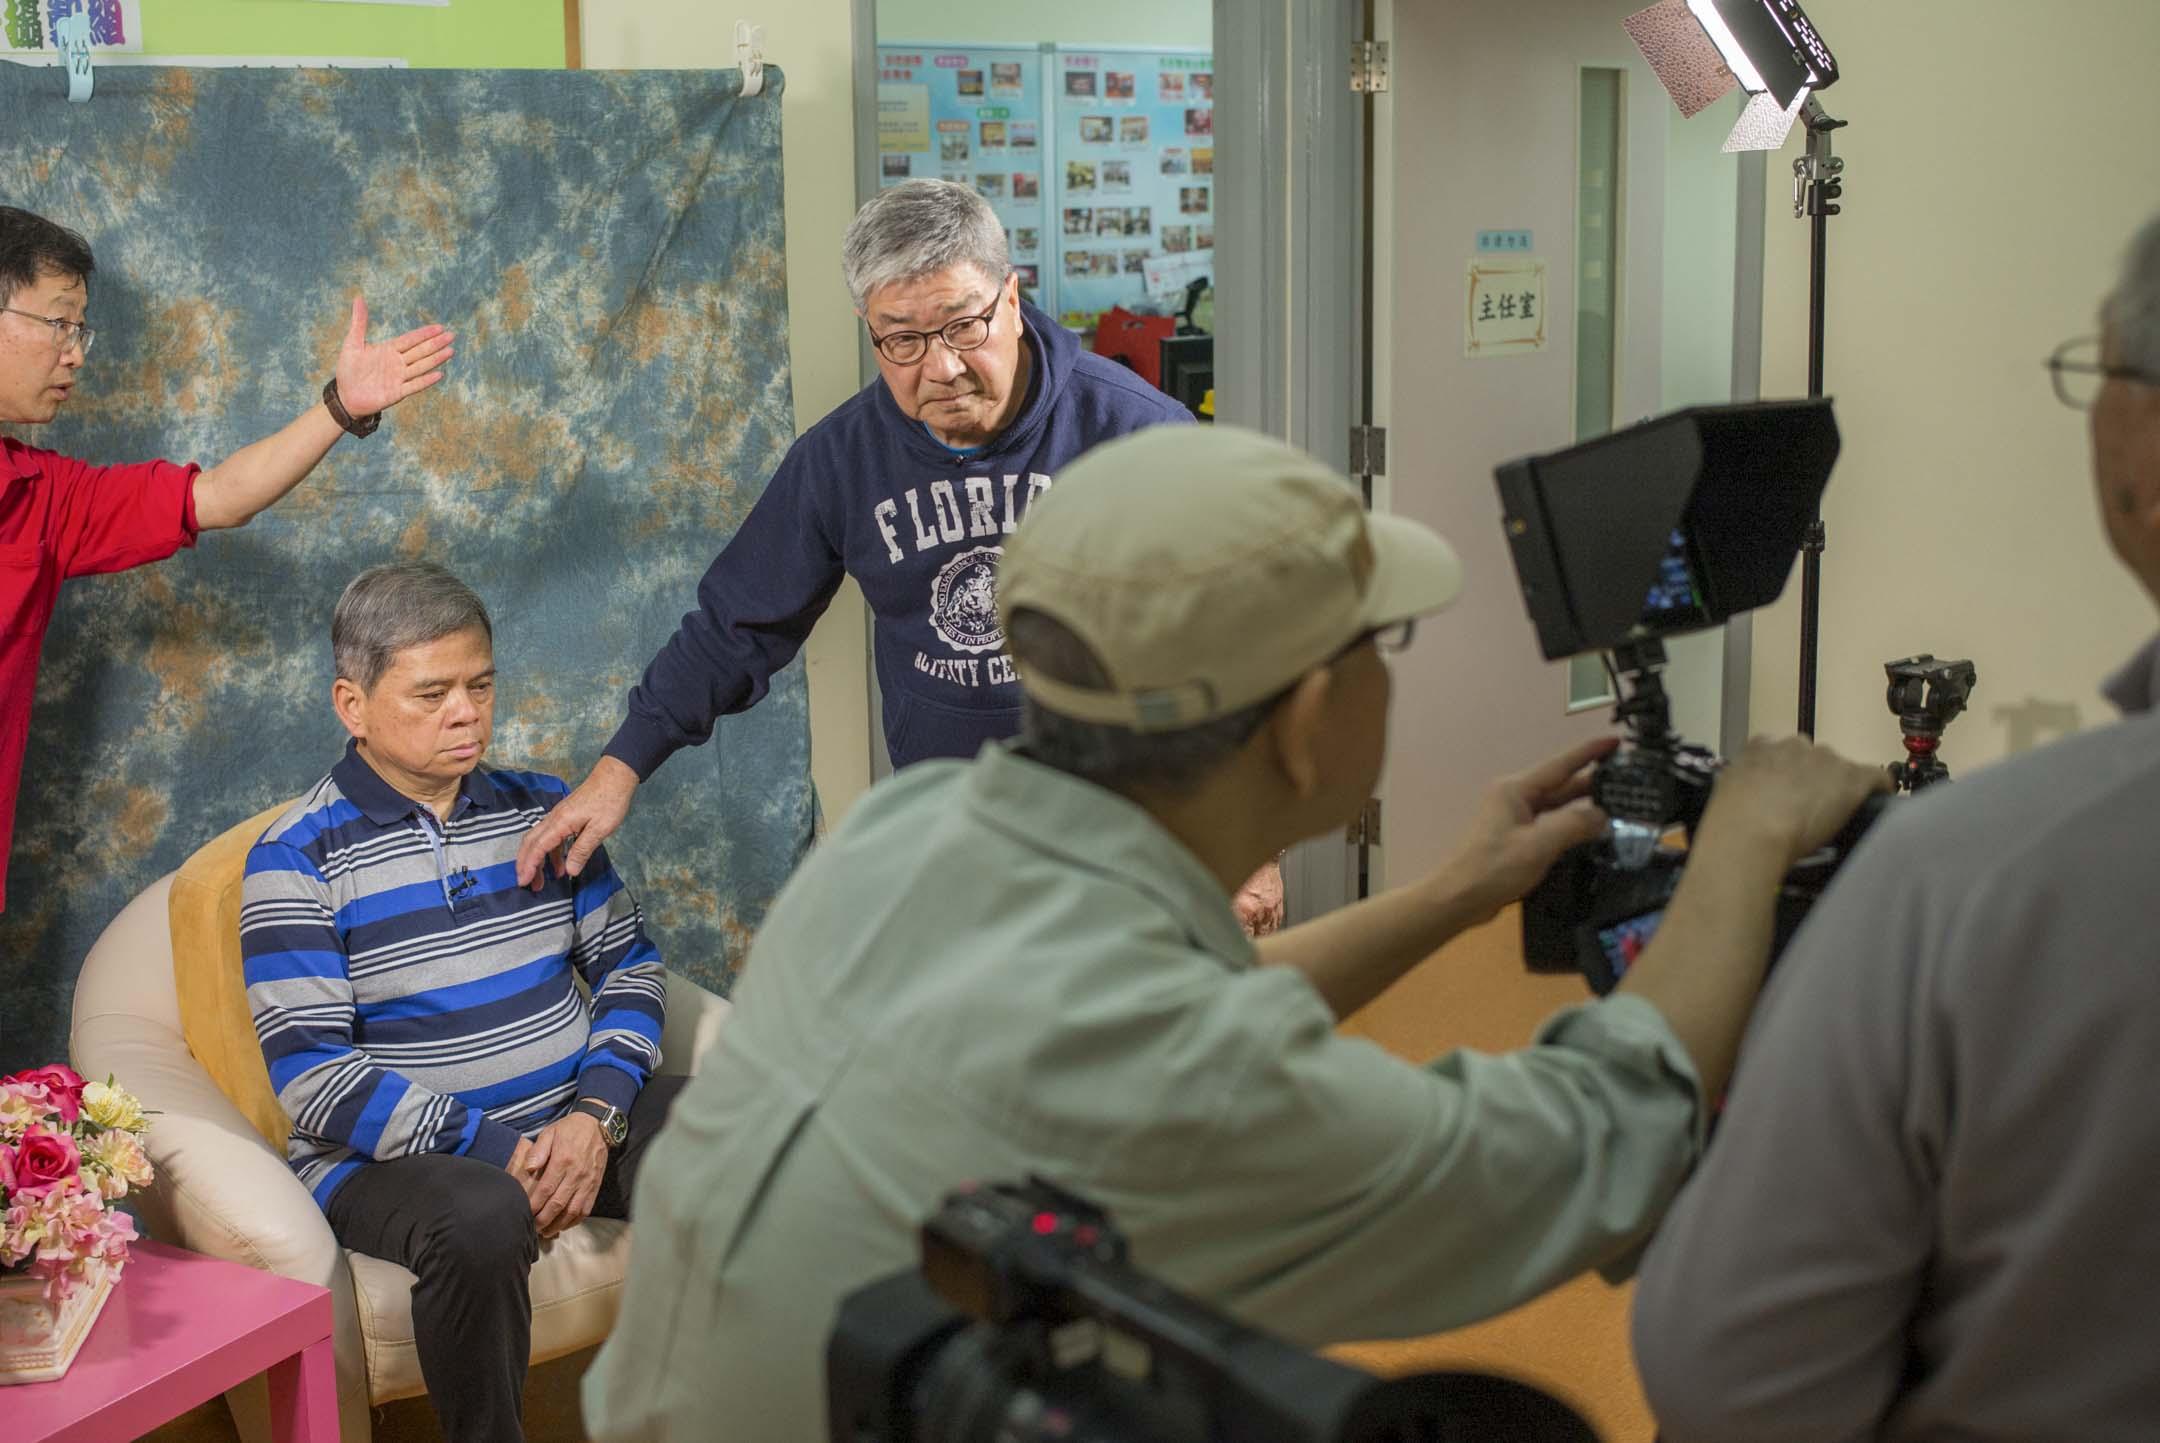 「生前遺言」攝製組共有10個成員,平均年齡超過68歲。經營這個攝製組,對成員來說就像是退休後的一份全職工作。用吳國雄的話來說,是證明「老而不廢」。 攝:林振東/端傳媒